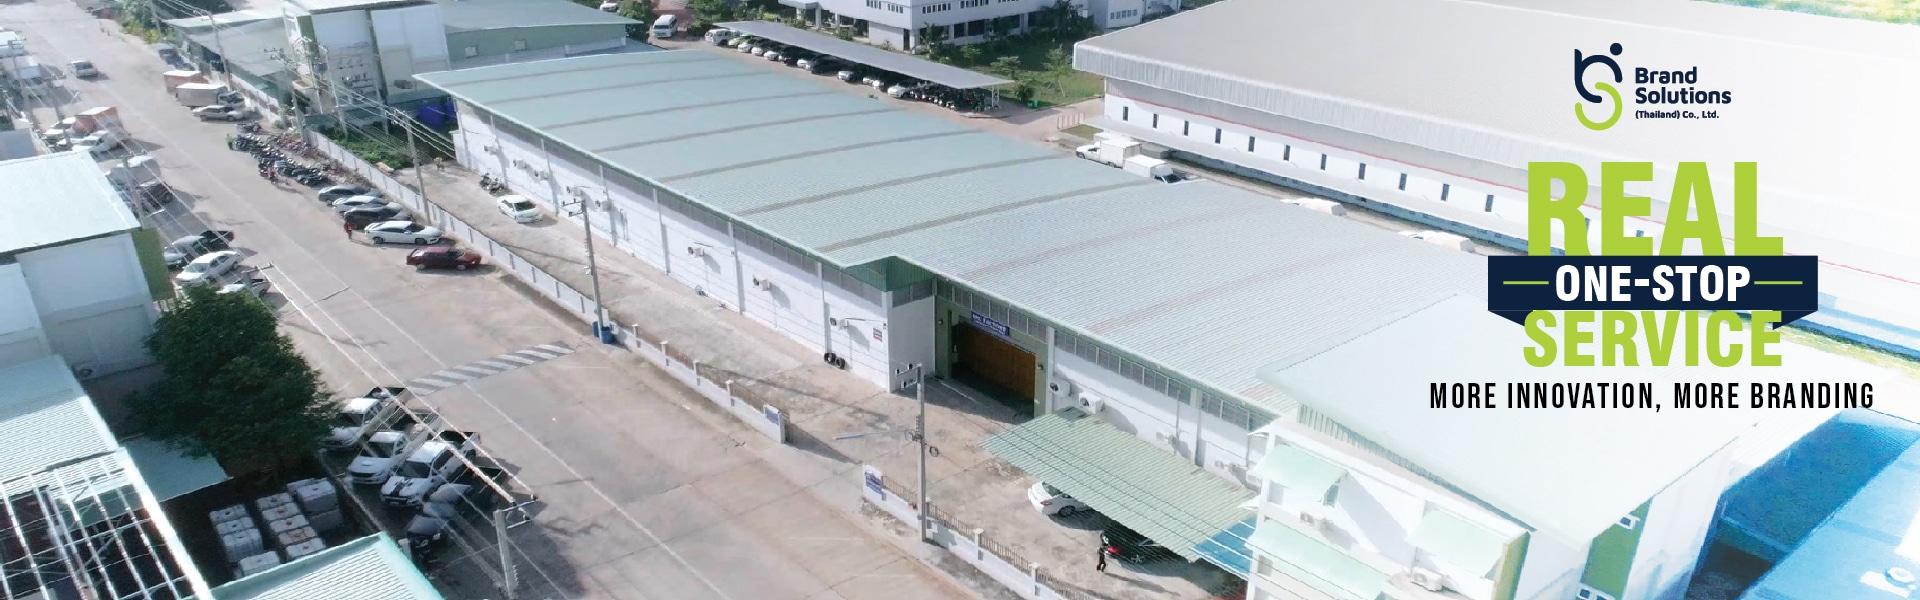 โรงงานผลิตอาหารเสริม โรงงานรับผลิตครีมรับผลิตอาหารเสริม OEM